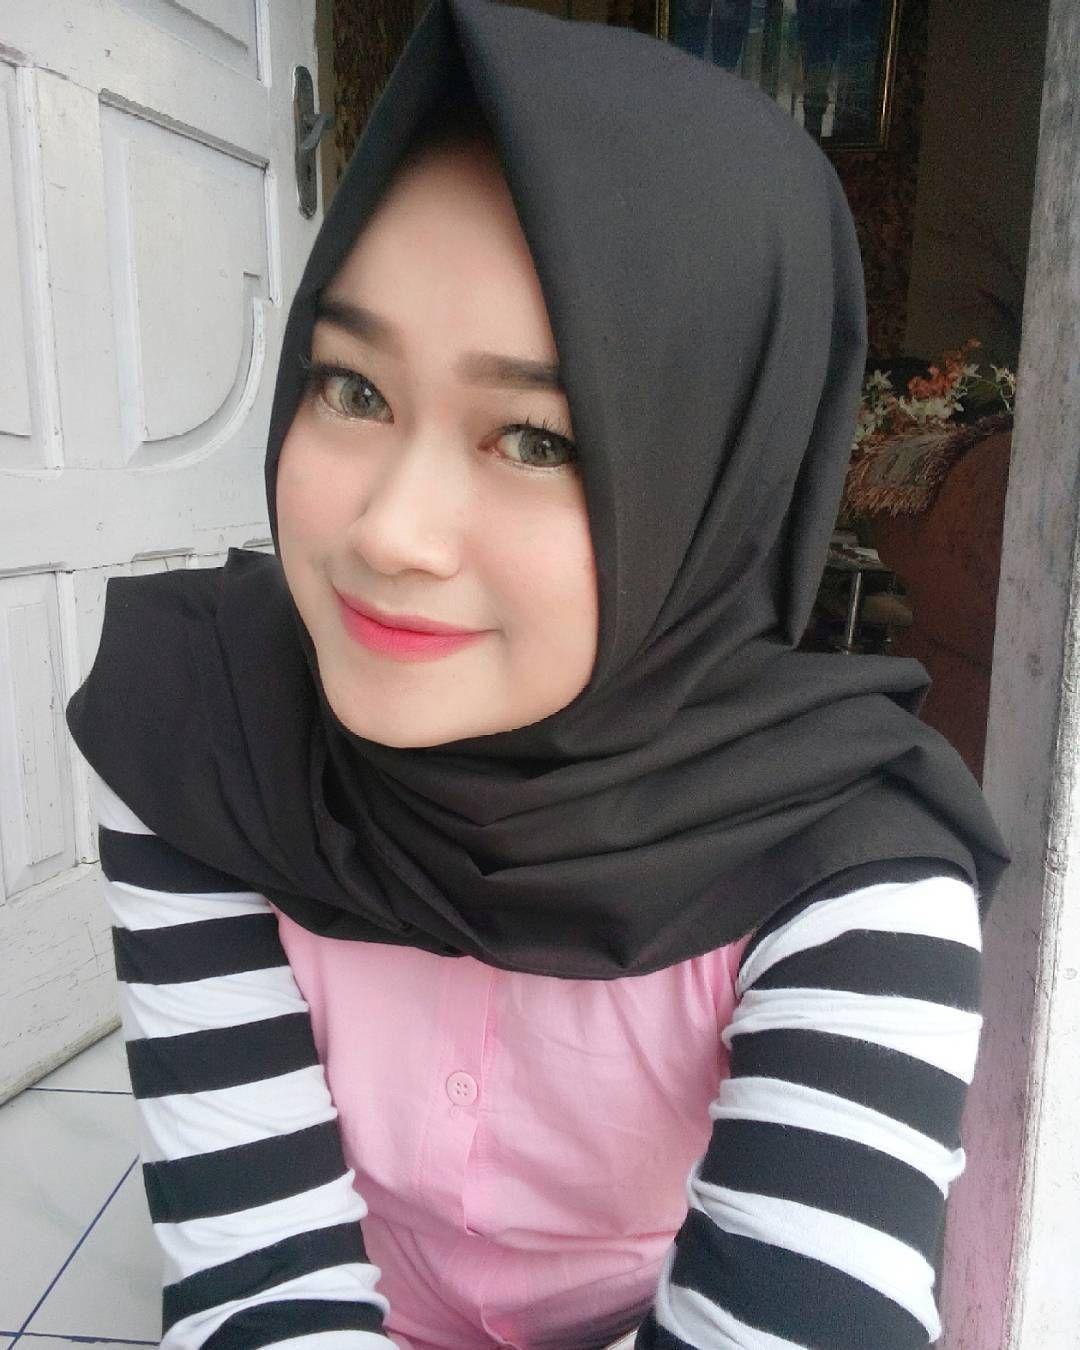 Setelah Sekian Lama Tidak Selfie Mahasiswi Cantik Cari Jodoh Https Bookingtophotels Blogspot Com Hijab Tutorial Young And Beautiful Covergirl